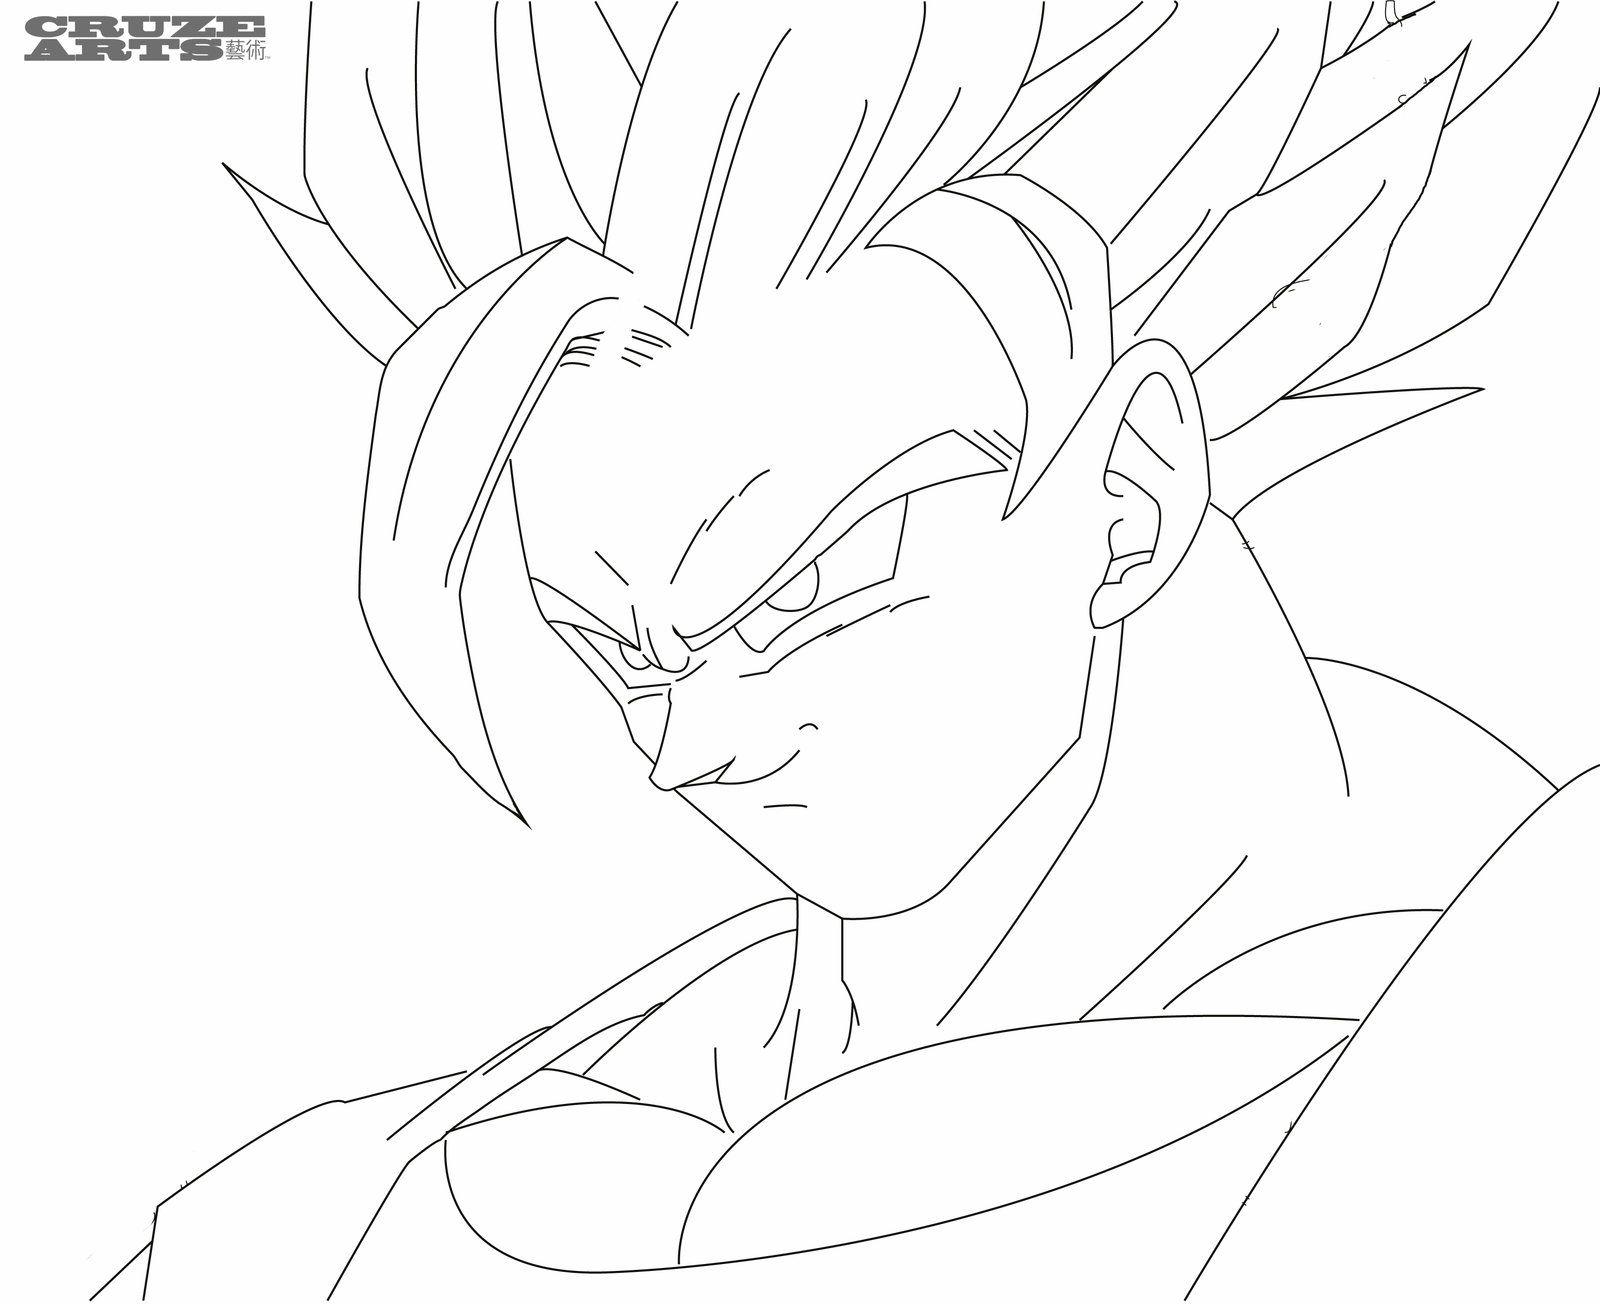 Super Saiyan Goku Coloring Pages | super saiyan goku coloring pages ...